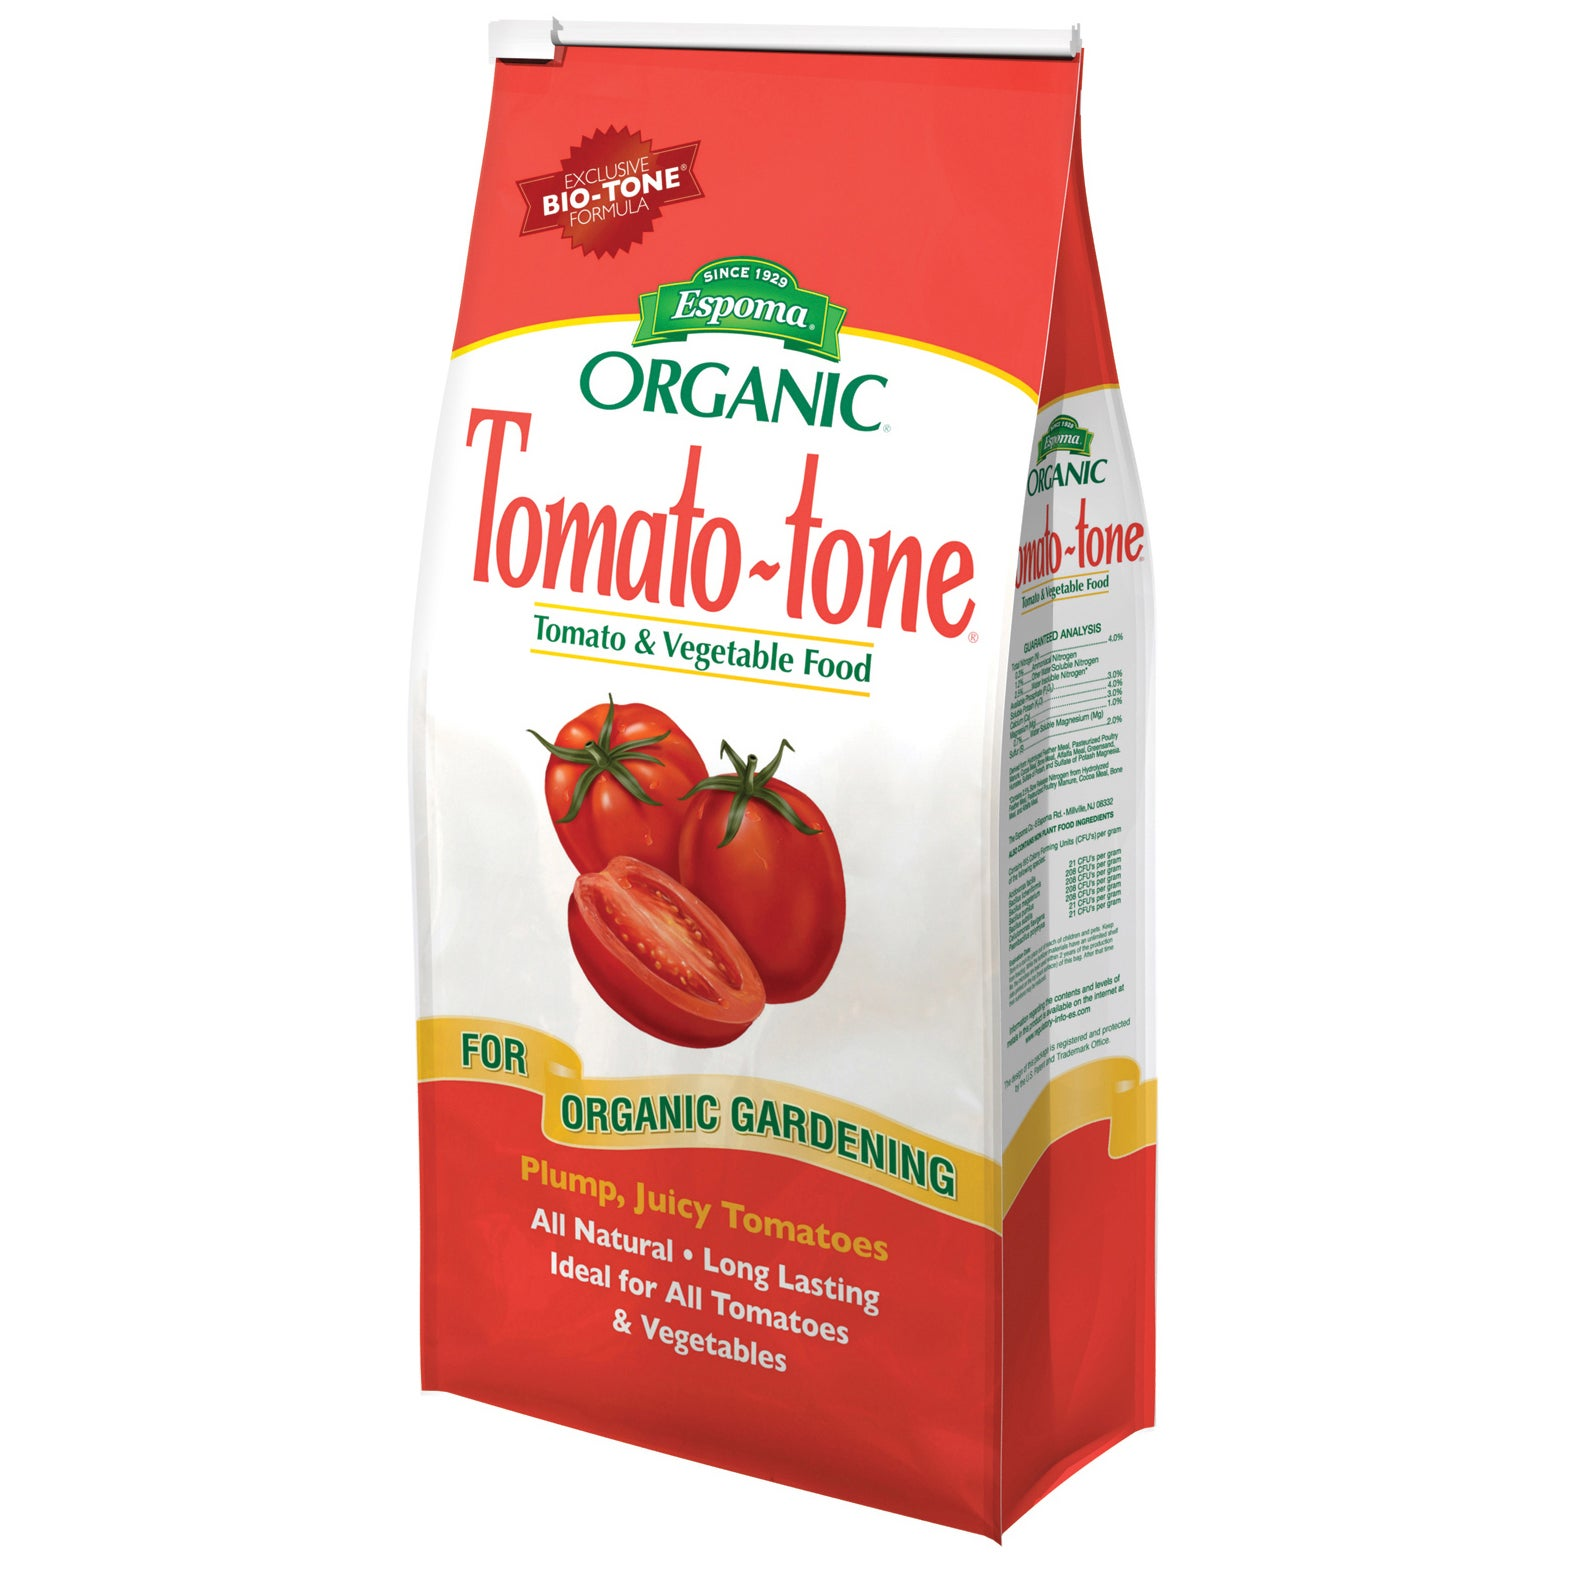 ESPOMA TO4 4-pounds Tomato-Tone 4-7-10 Plant Food (Plant ...